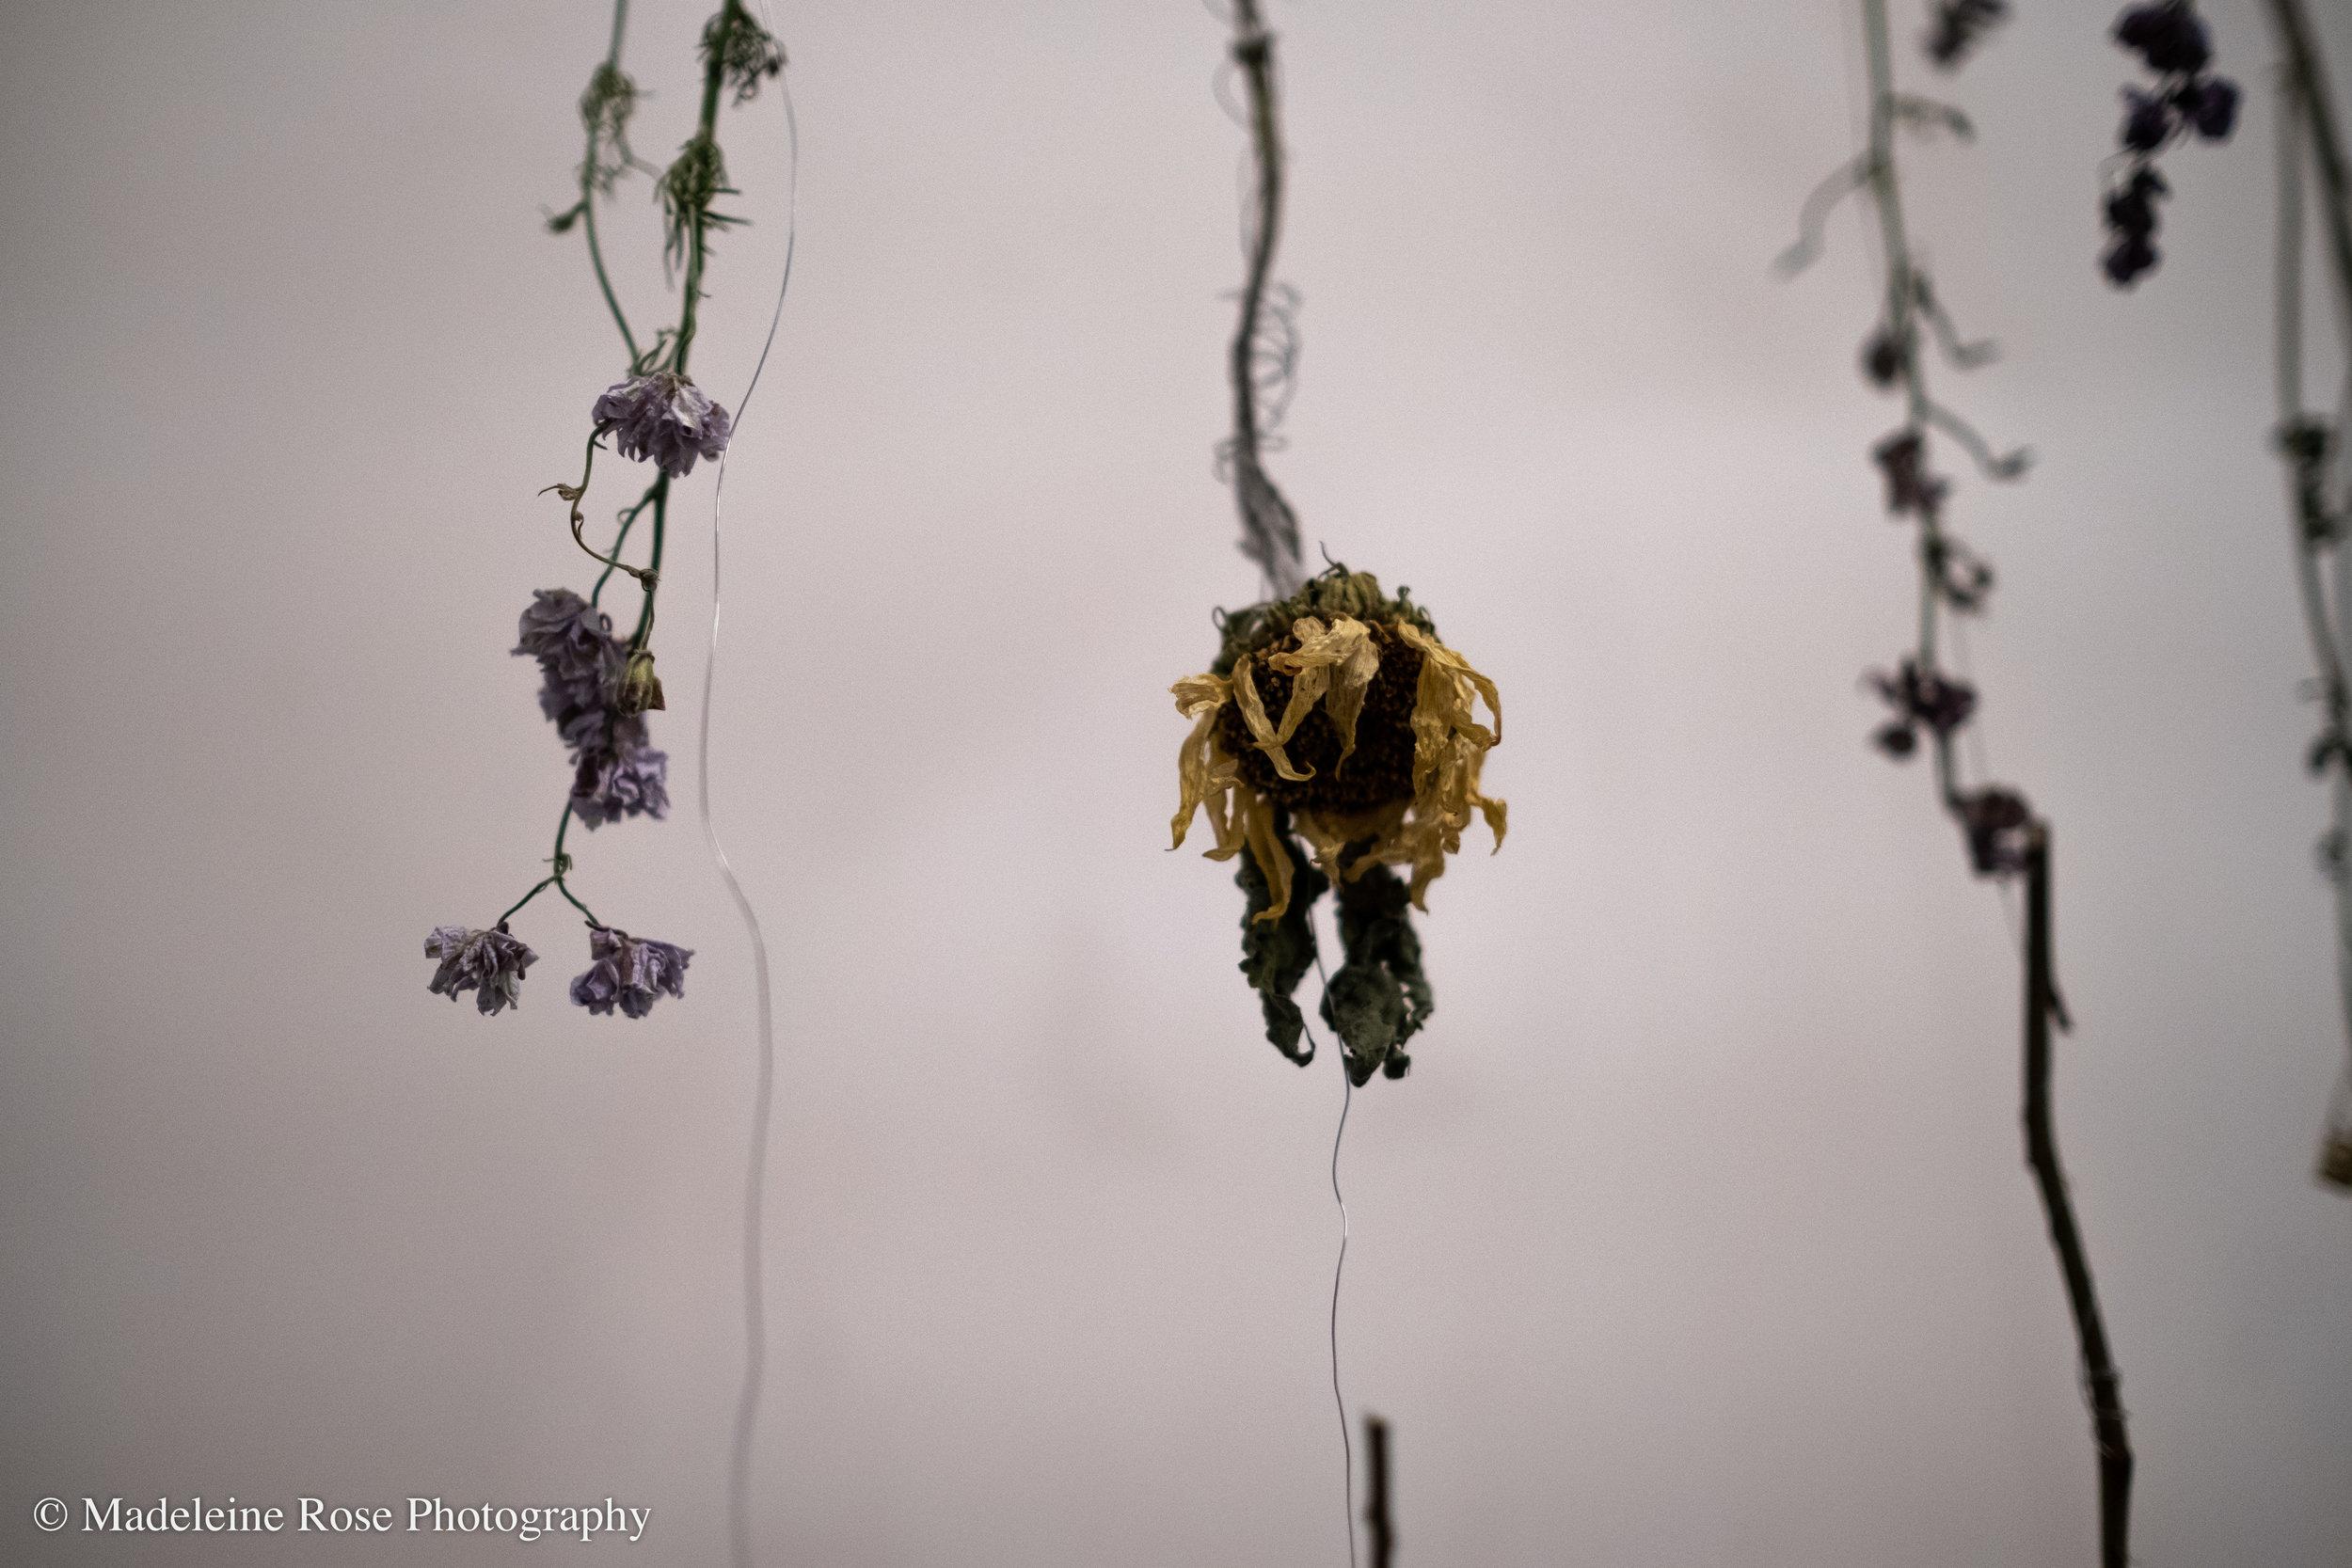 180811_EF_funeralflowers-1.jpg